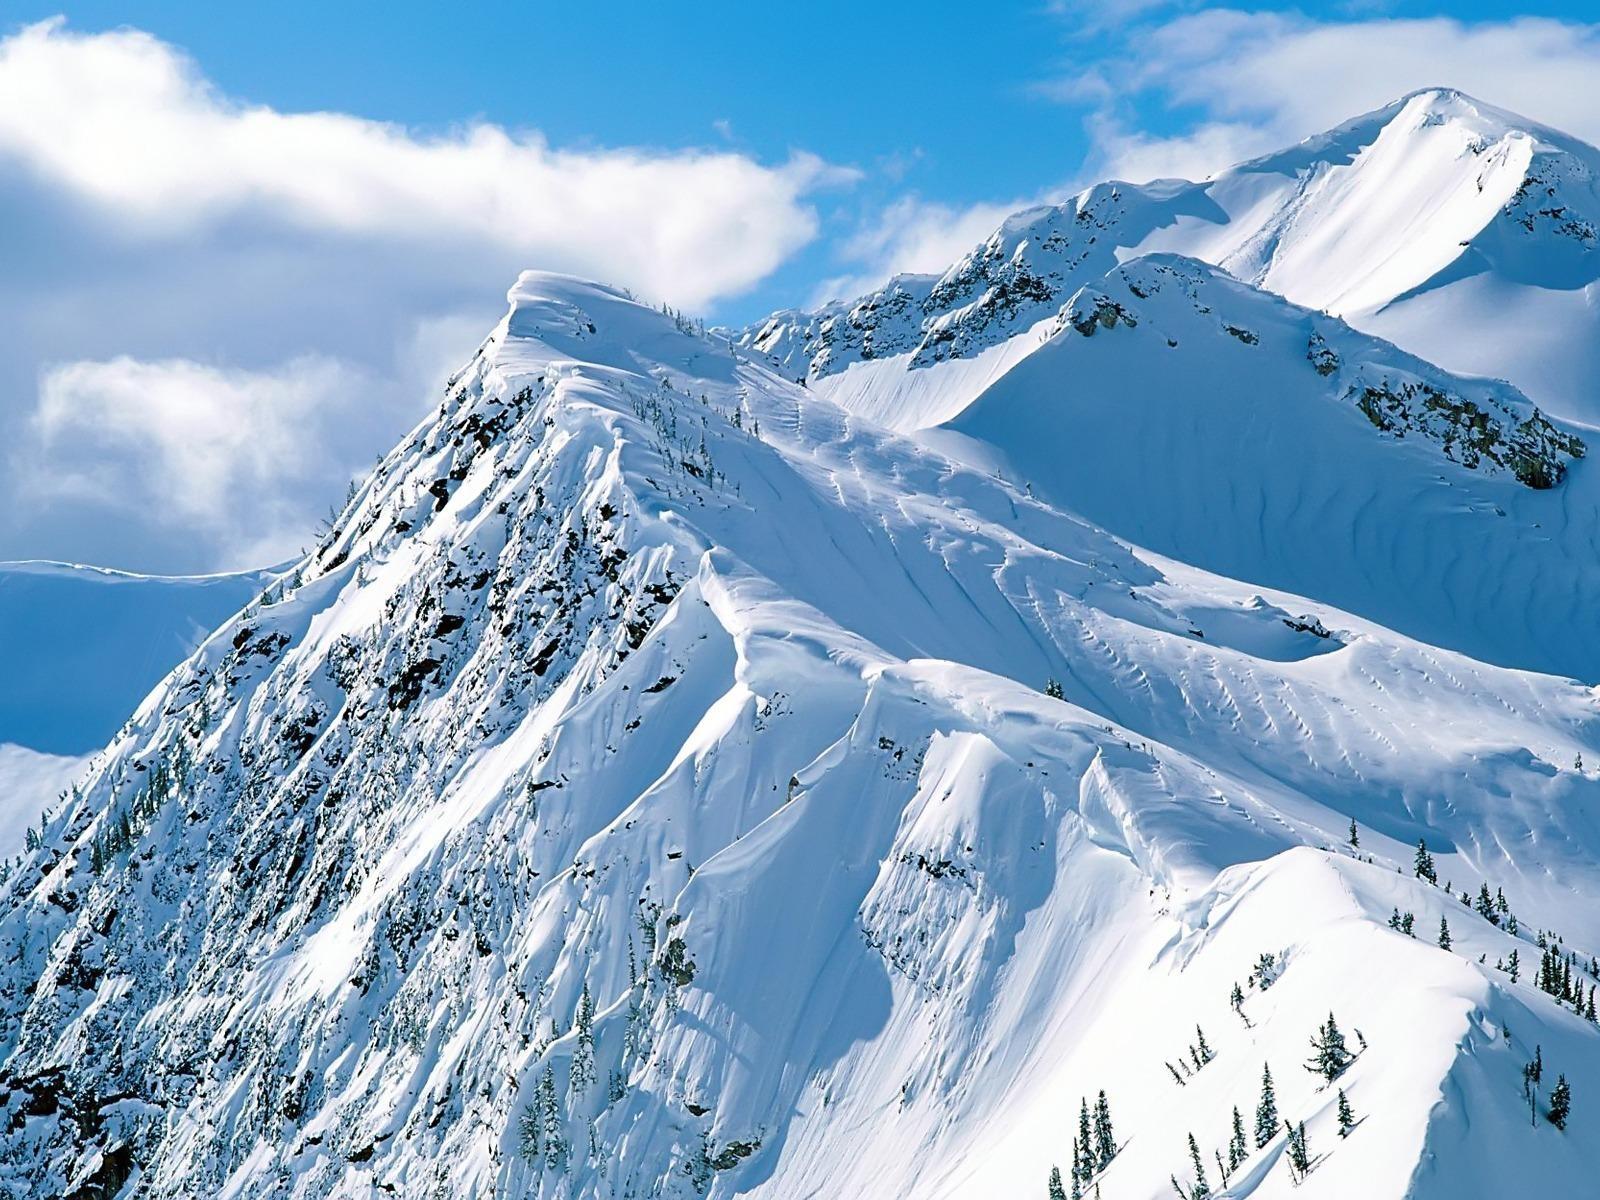 Amazing Snow Mountain